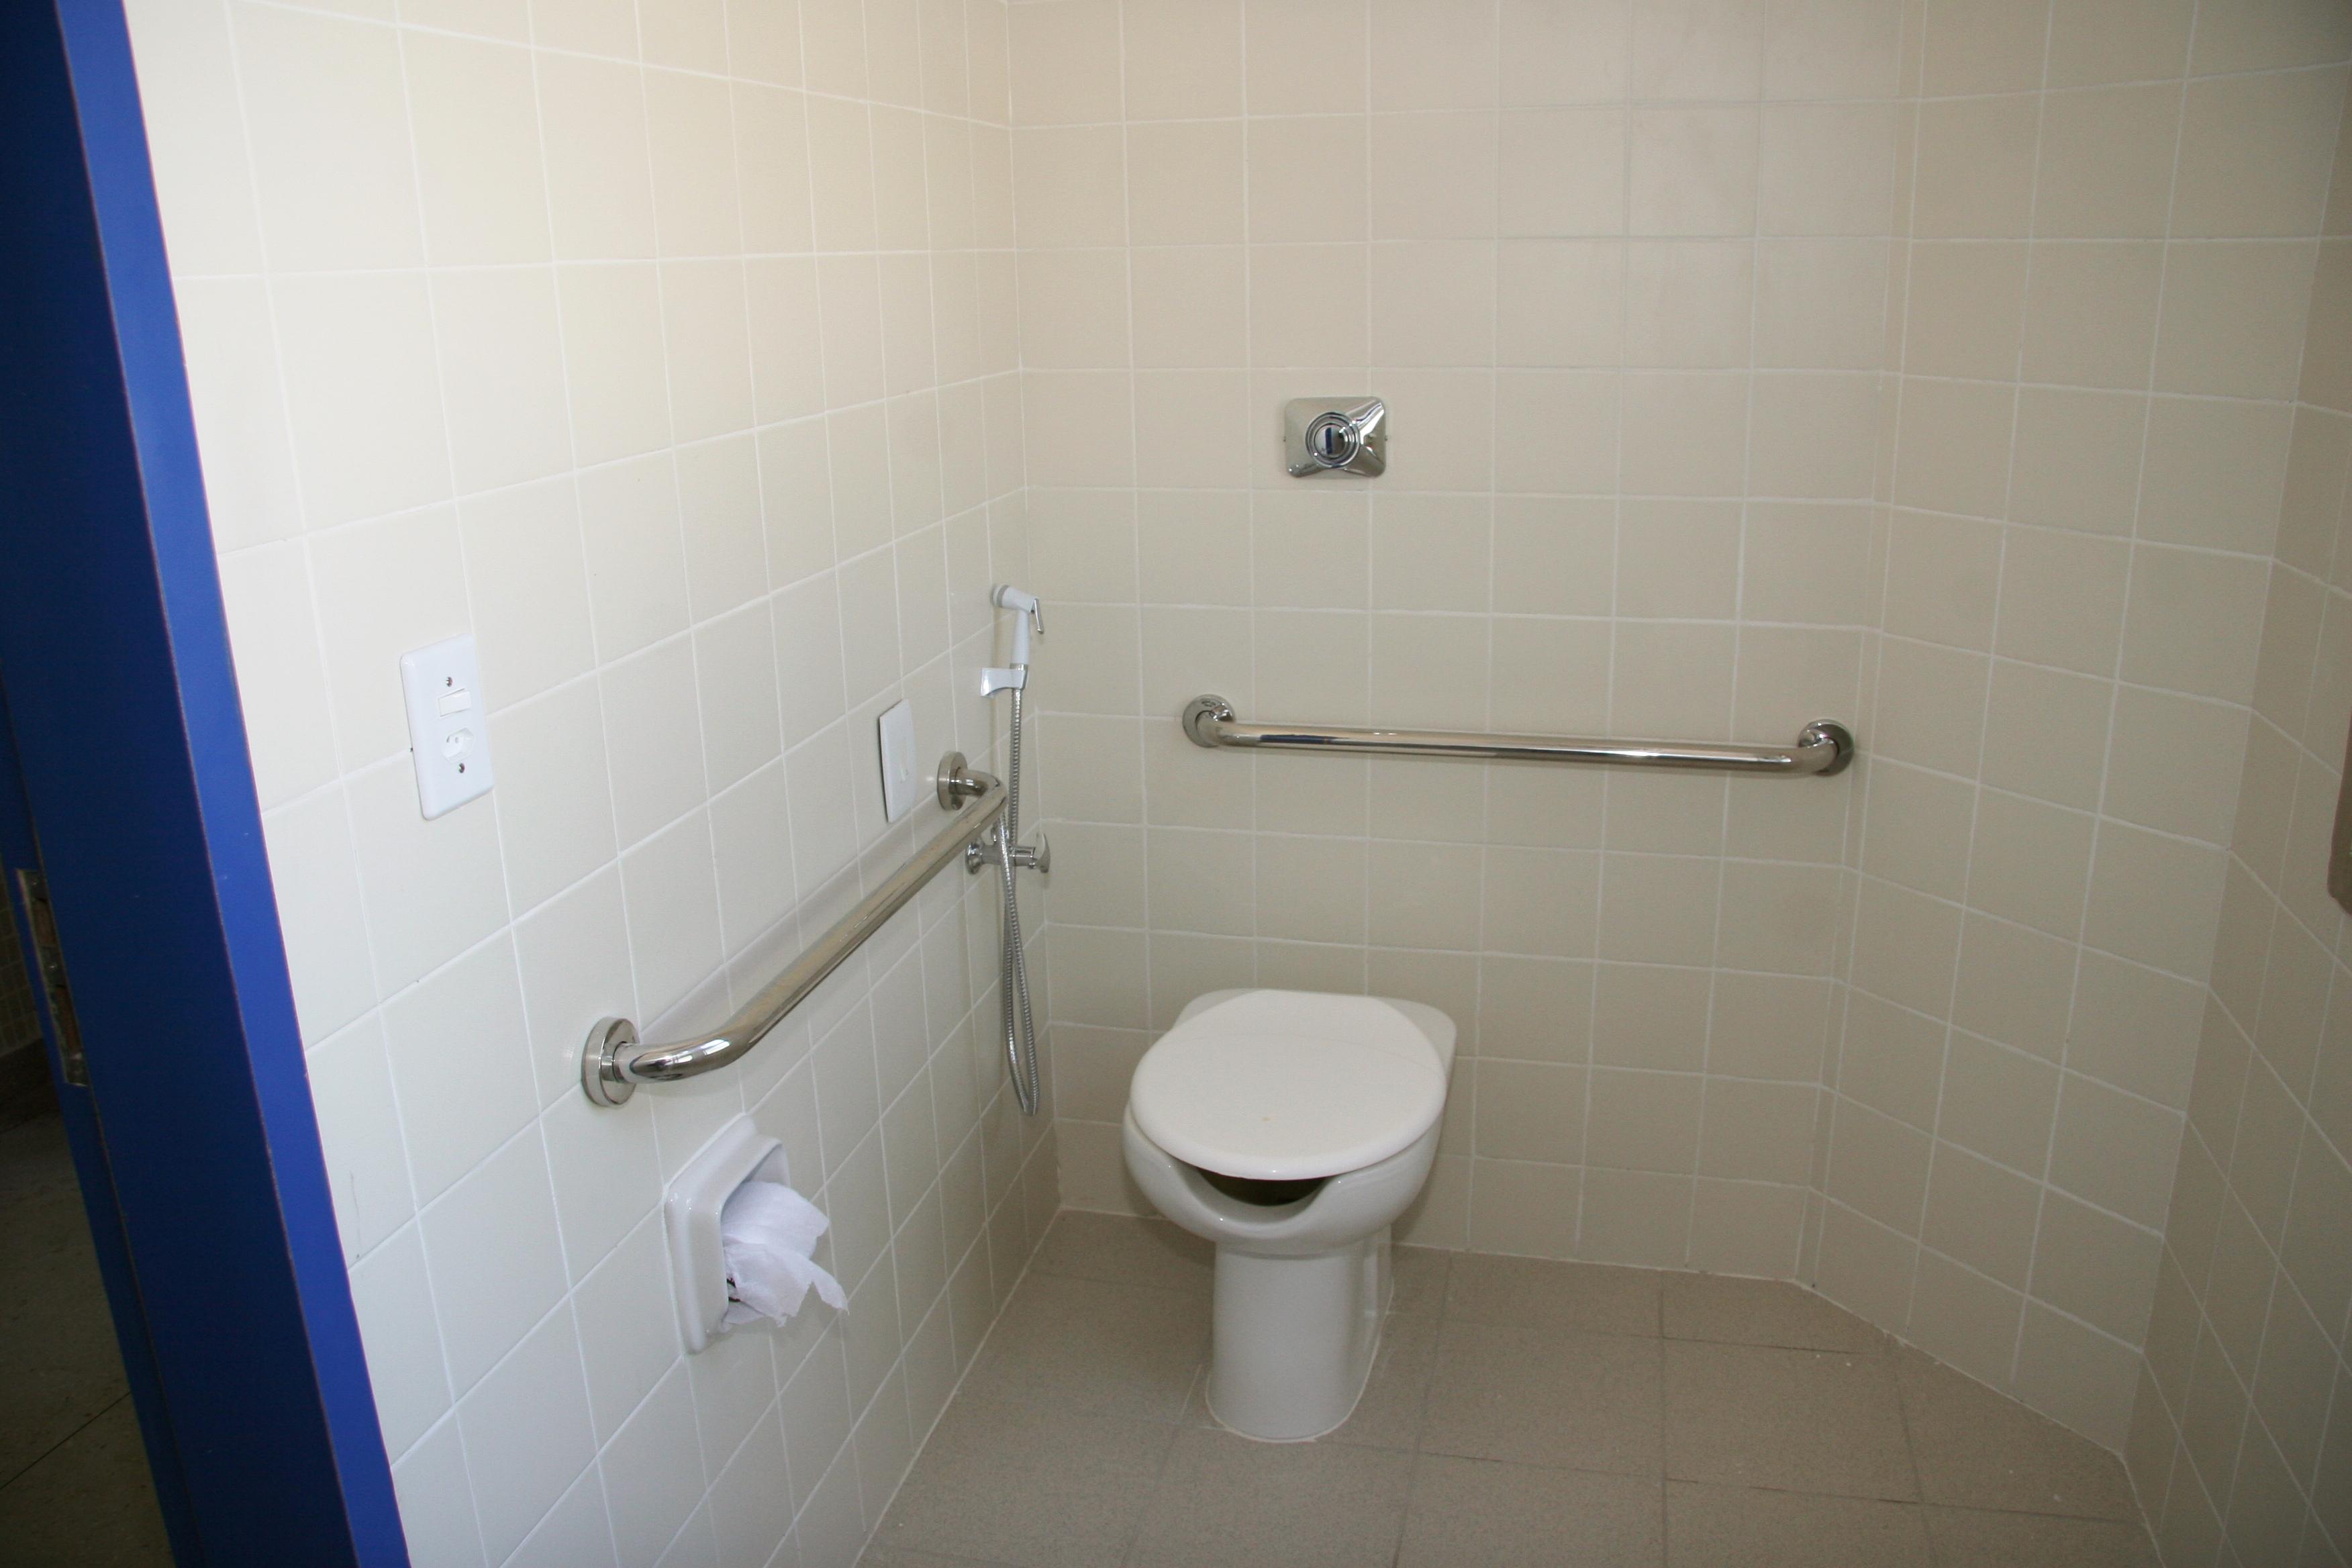 UFF Notícias Superintendência de Comunicação Social (SCS) #2C448D 3504x2336 Banheiro Acessibilidade Bloco Cad